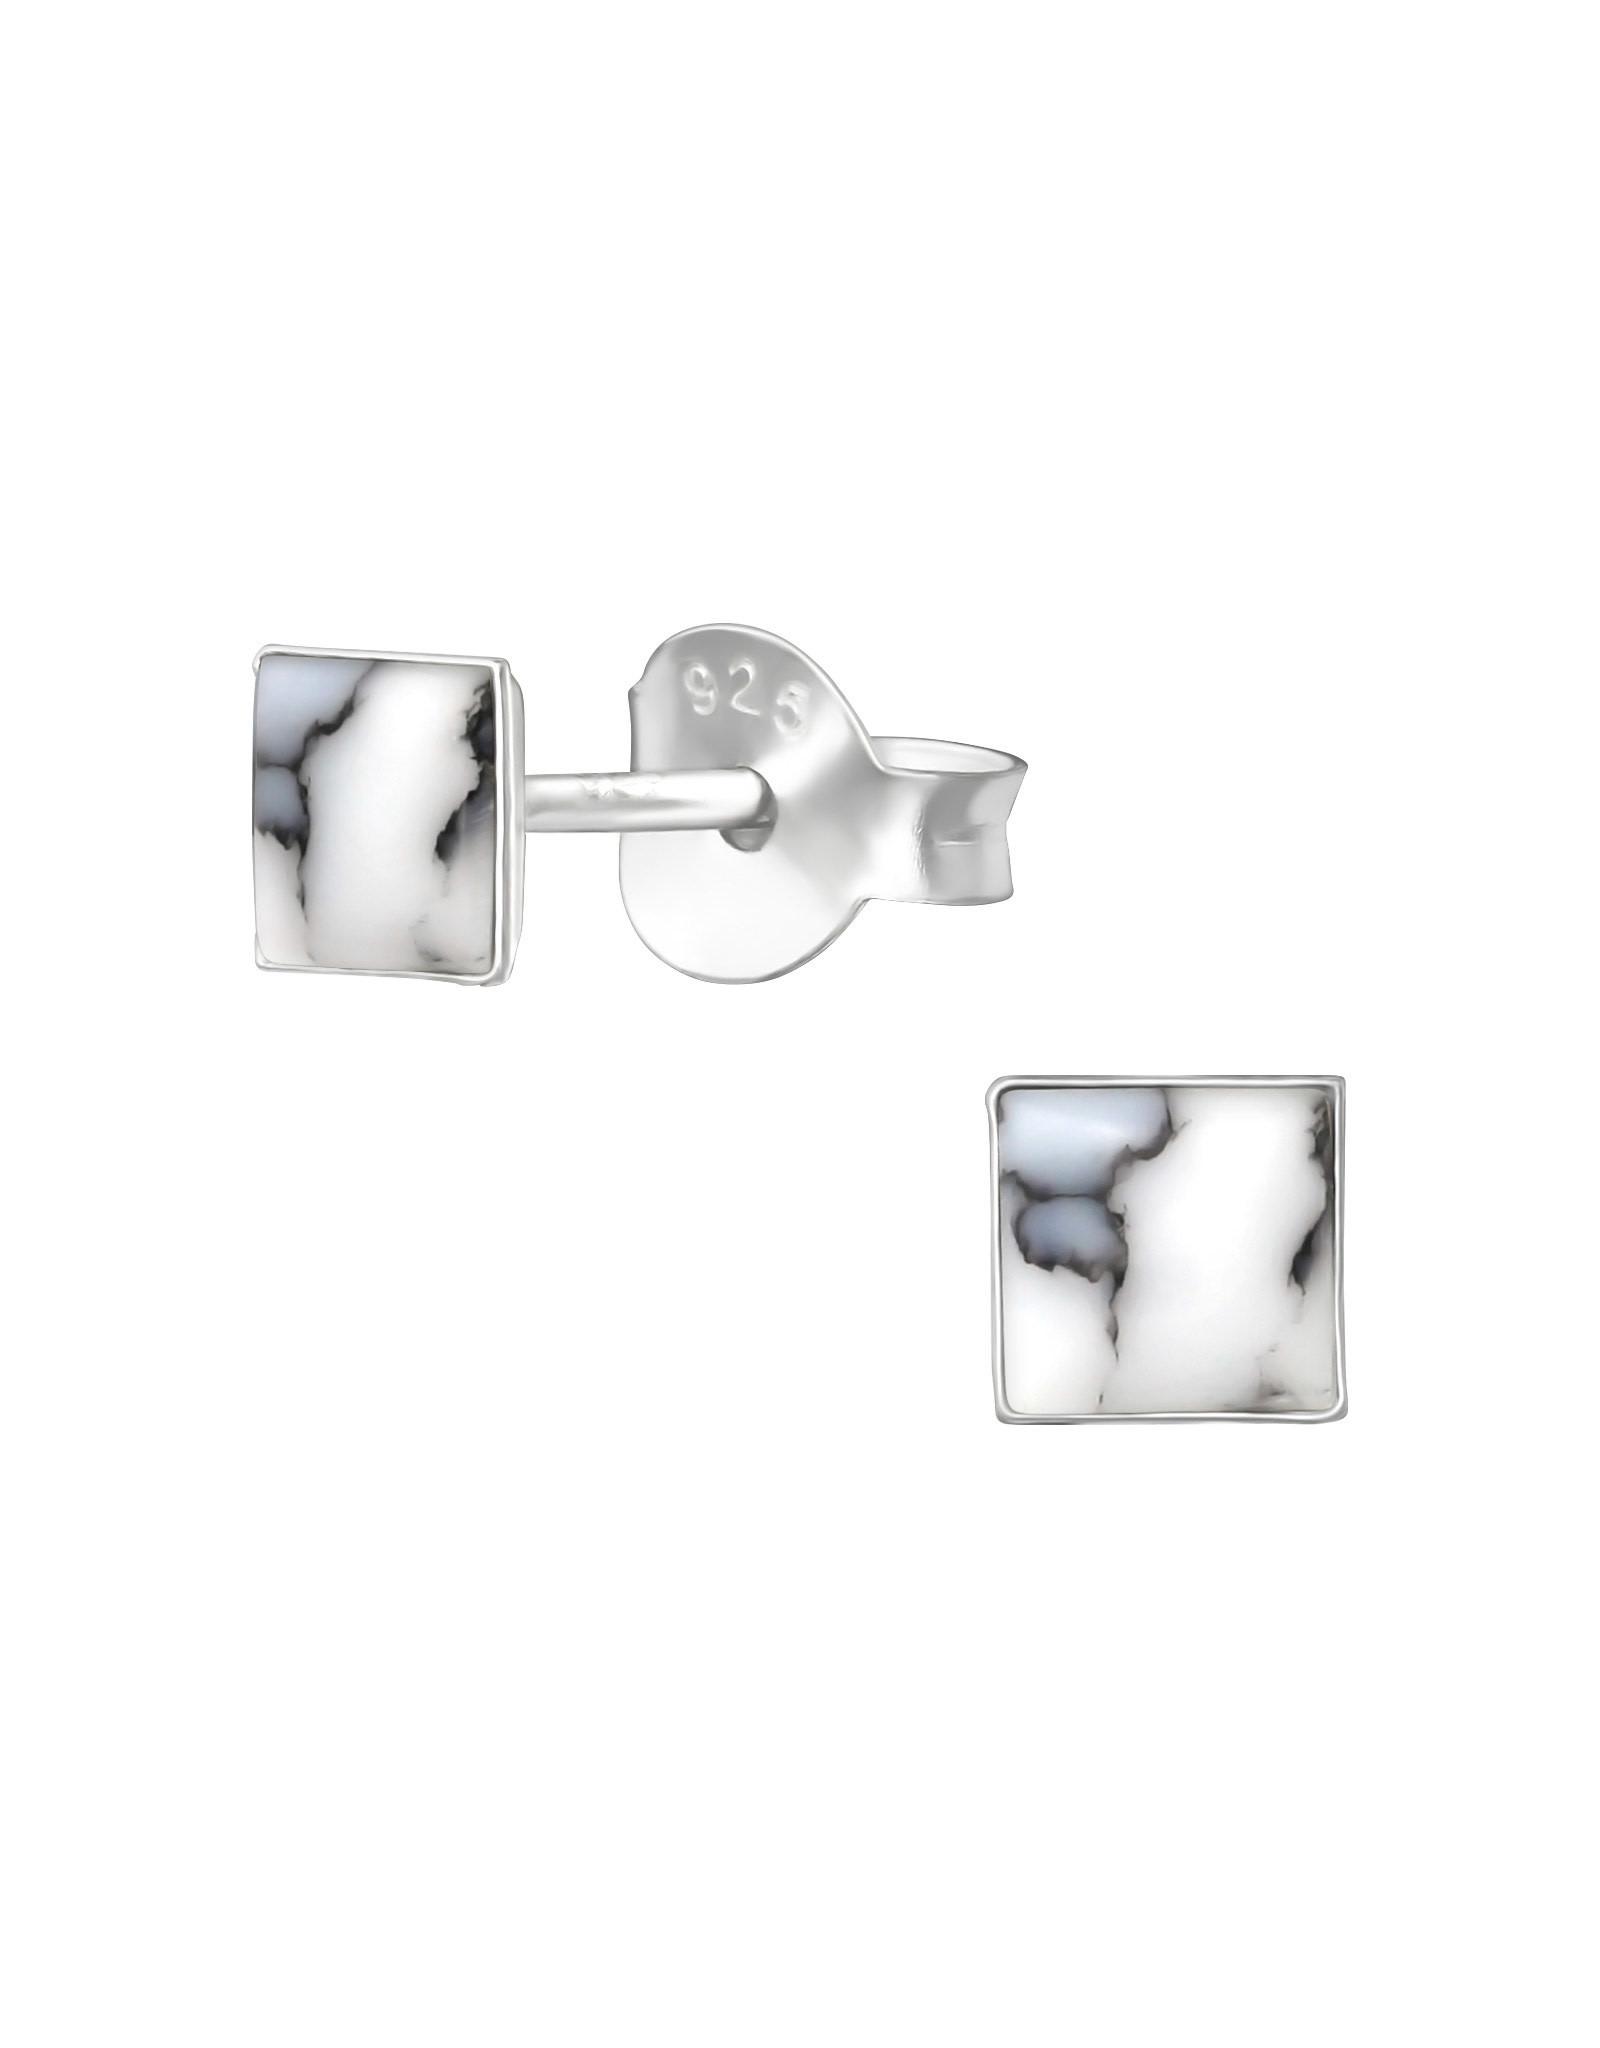 Stekertjes zilver marmer vierkant